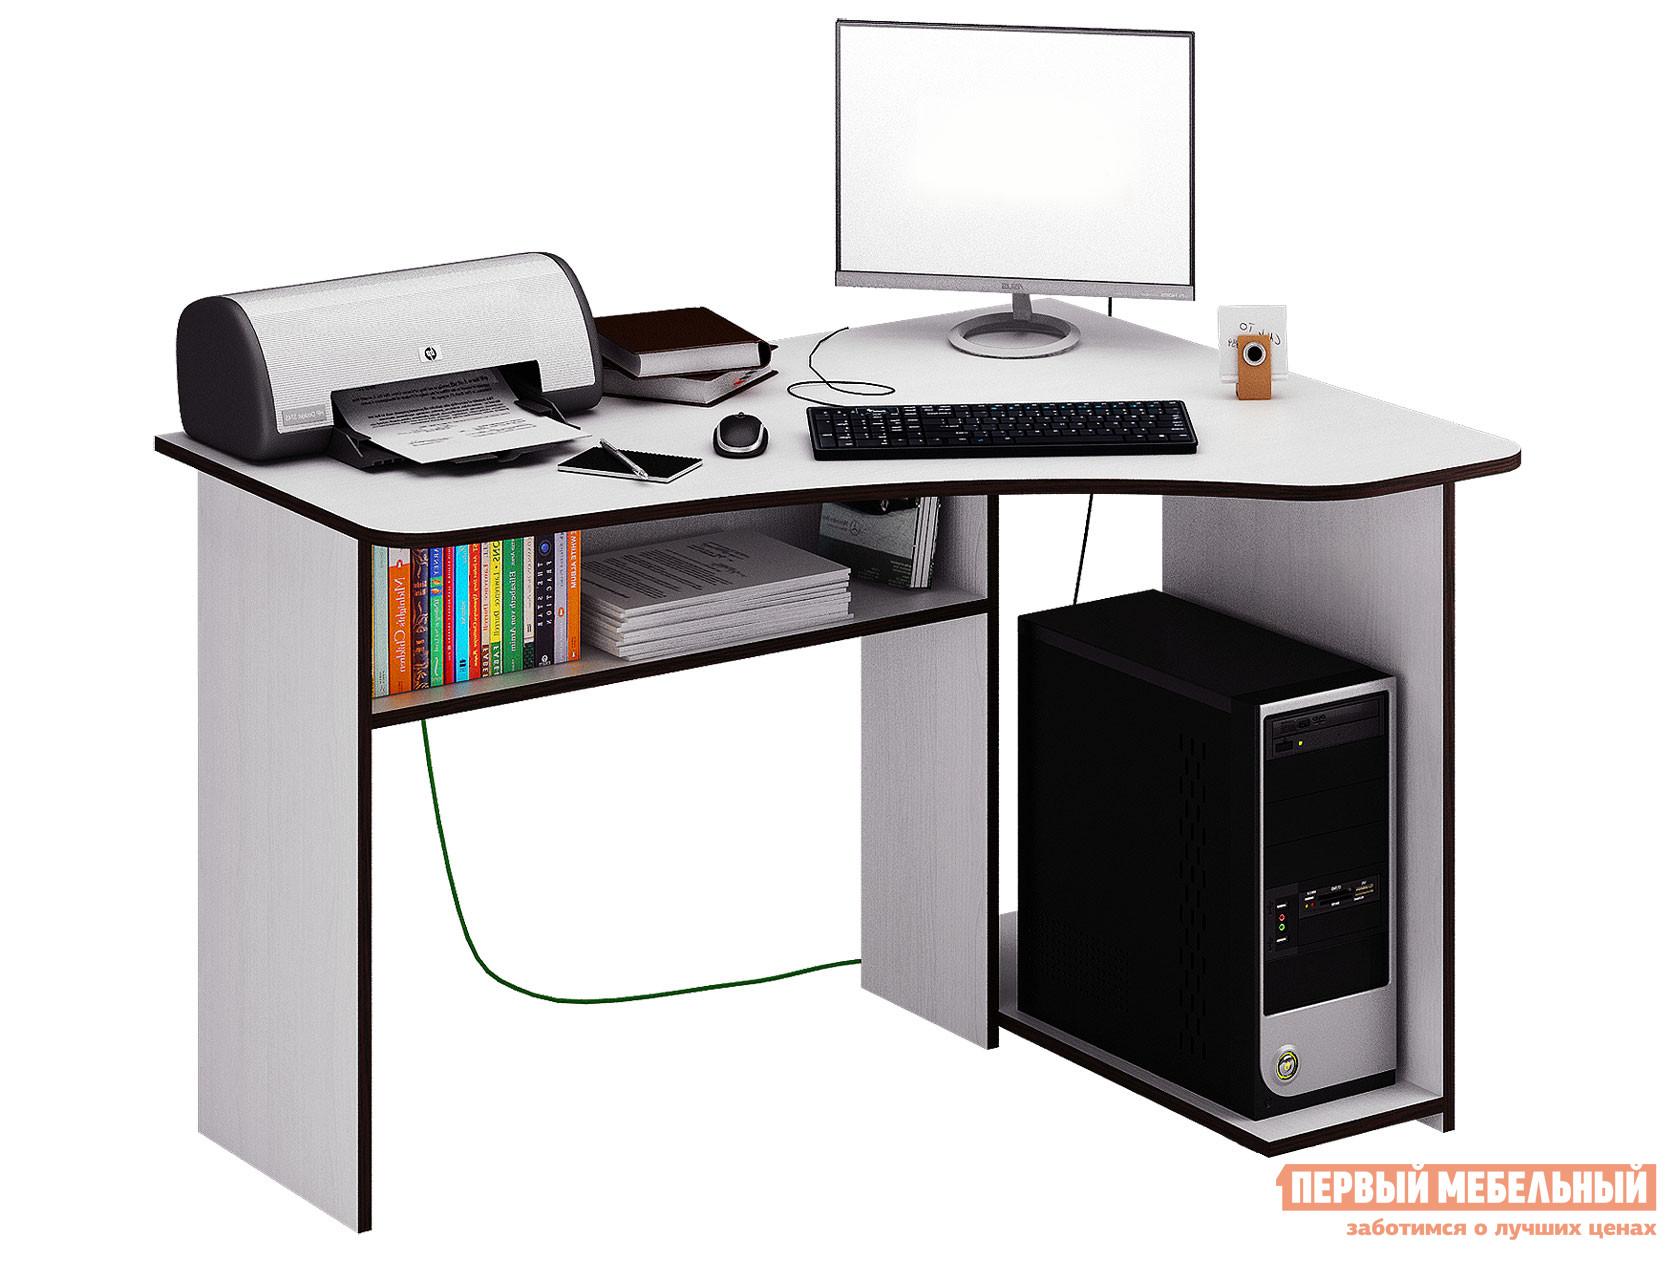 Фото - Компьютерный стол Первый Мебельный Триан-1 компьютерный стол первый мебельный комфорт 12 72